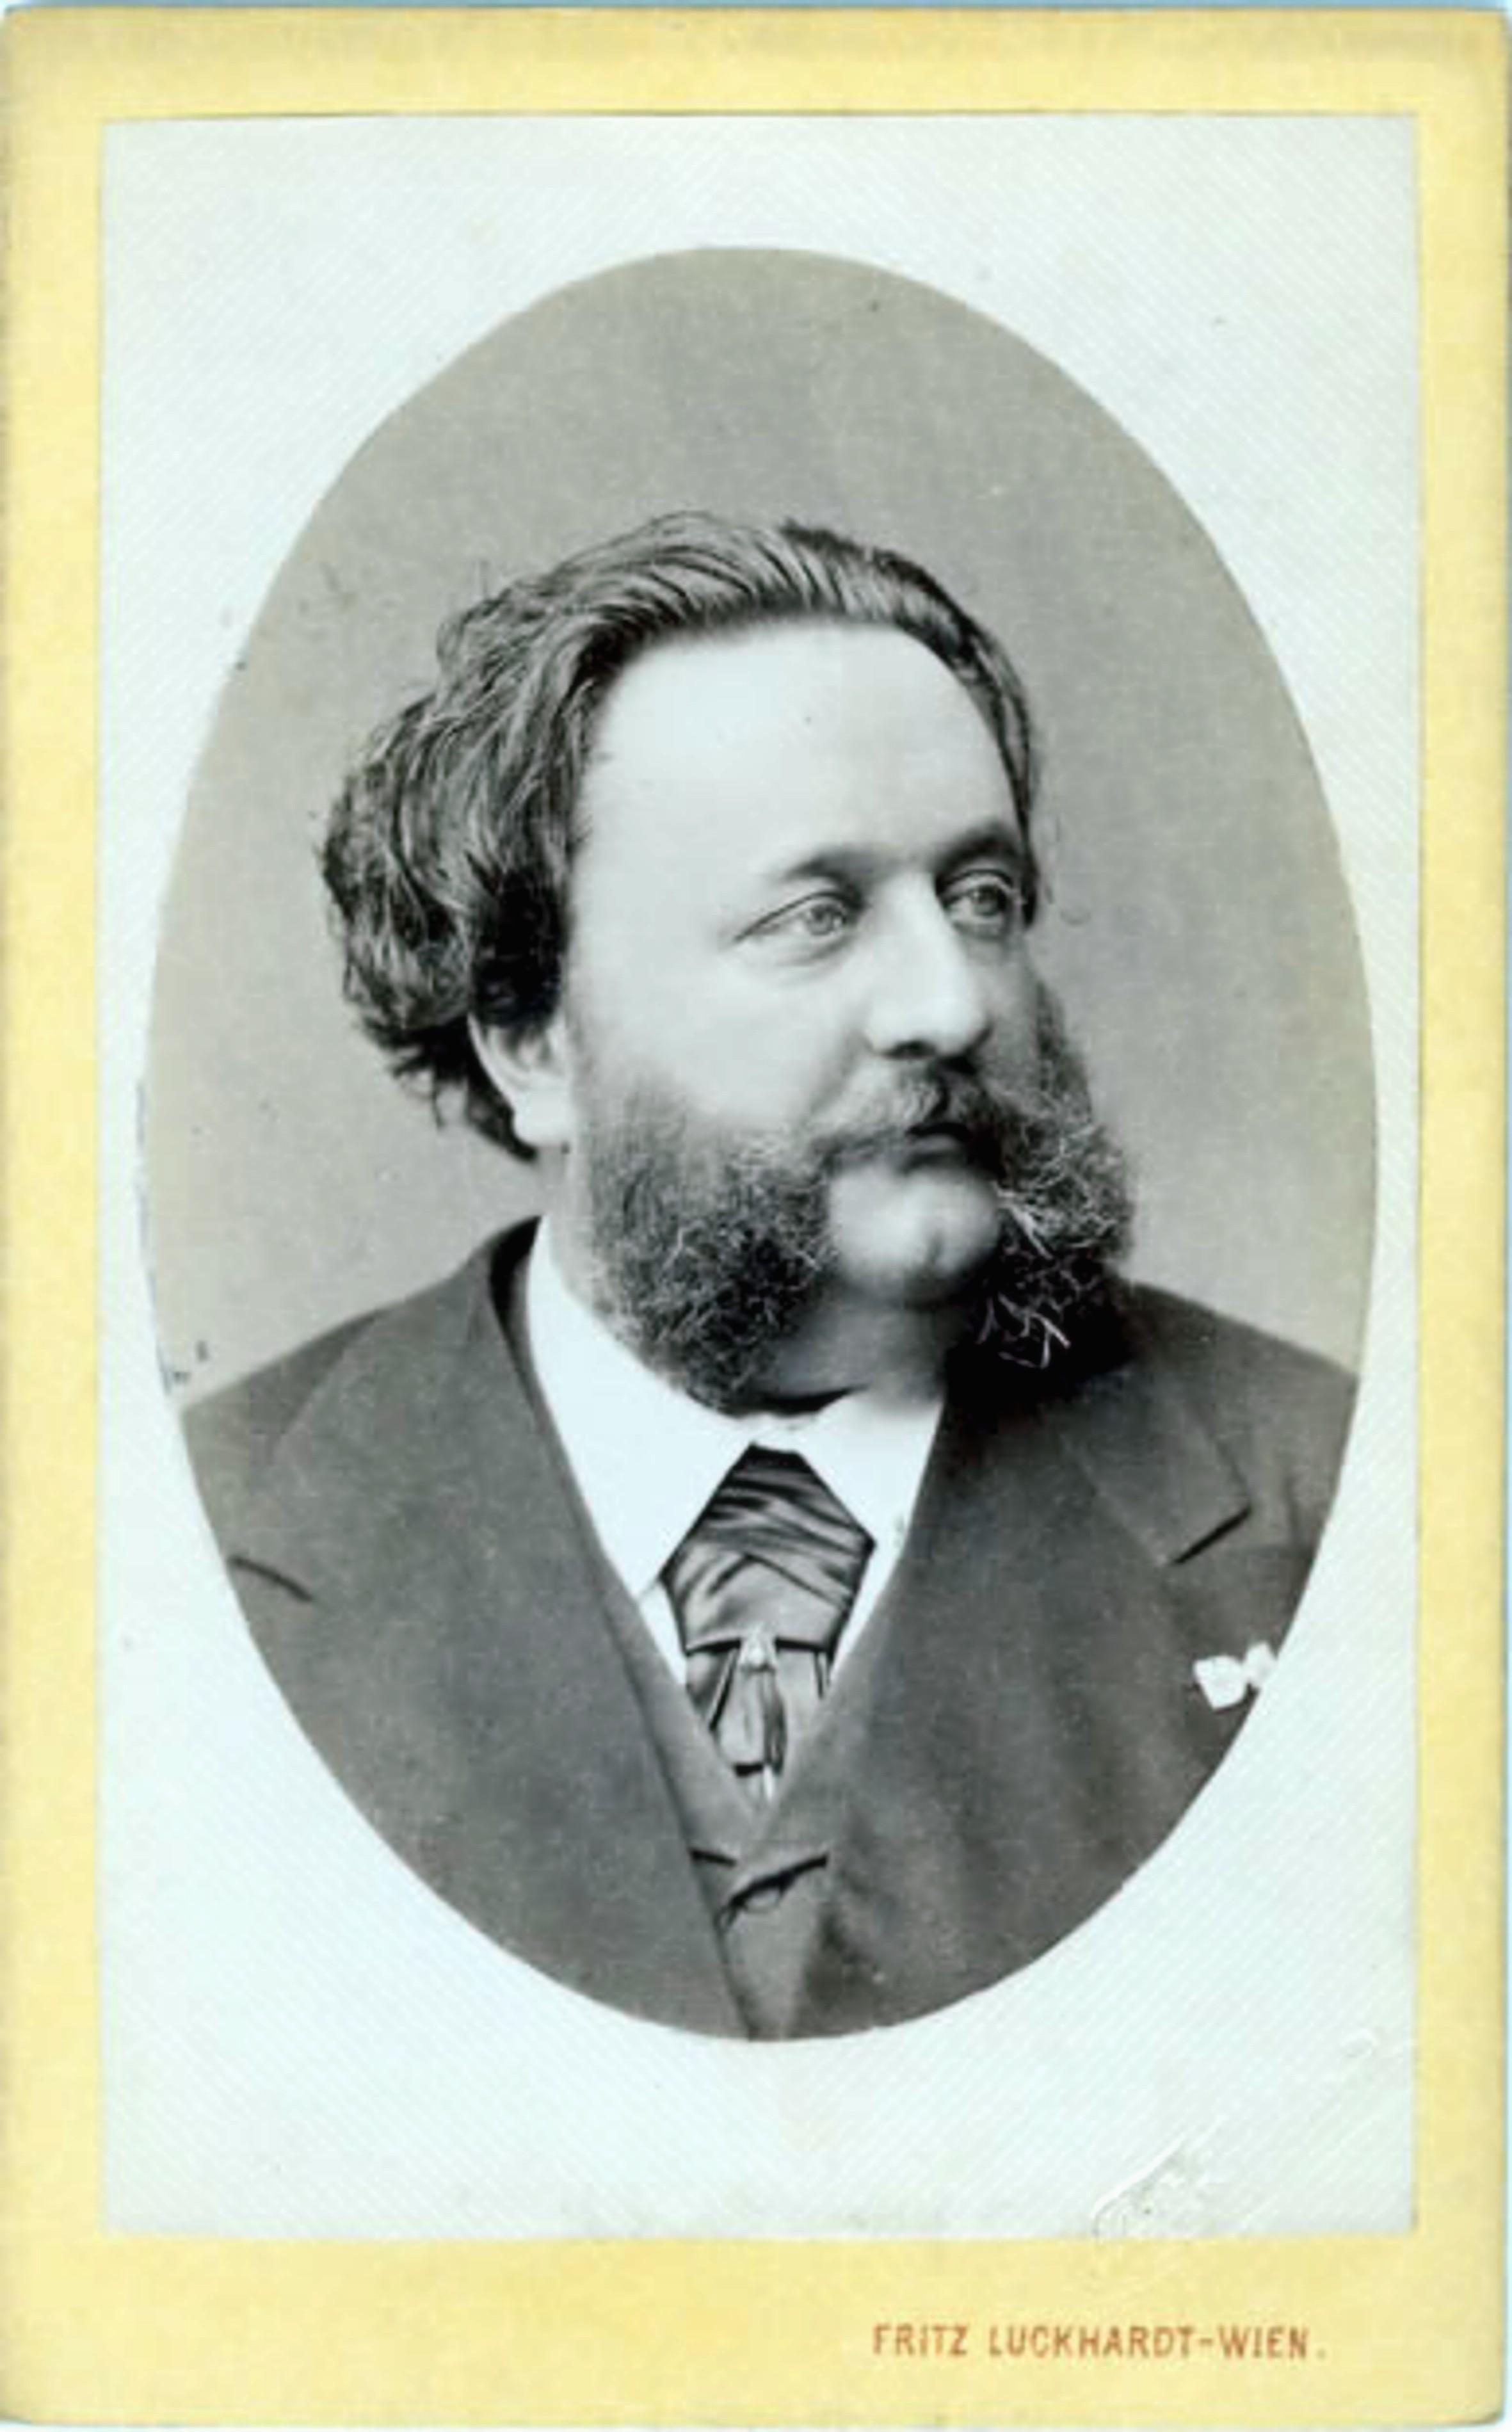 http://imslp.org/images/9/9e/Alfred_jaell.jpg